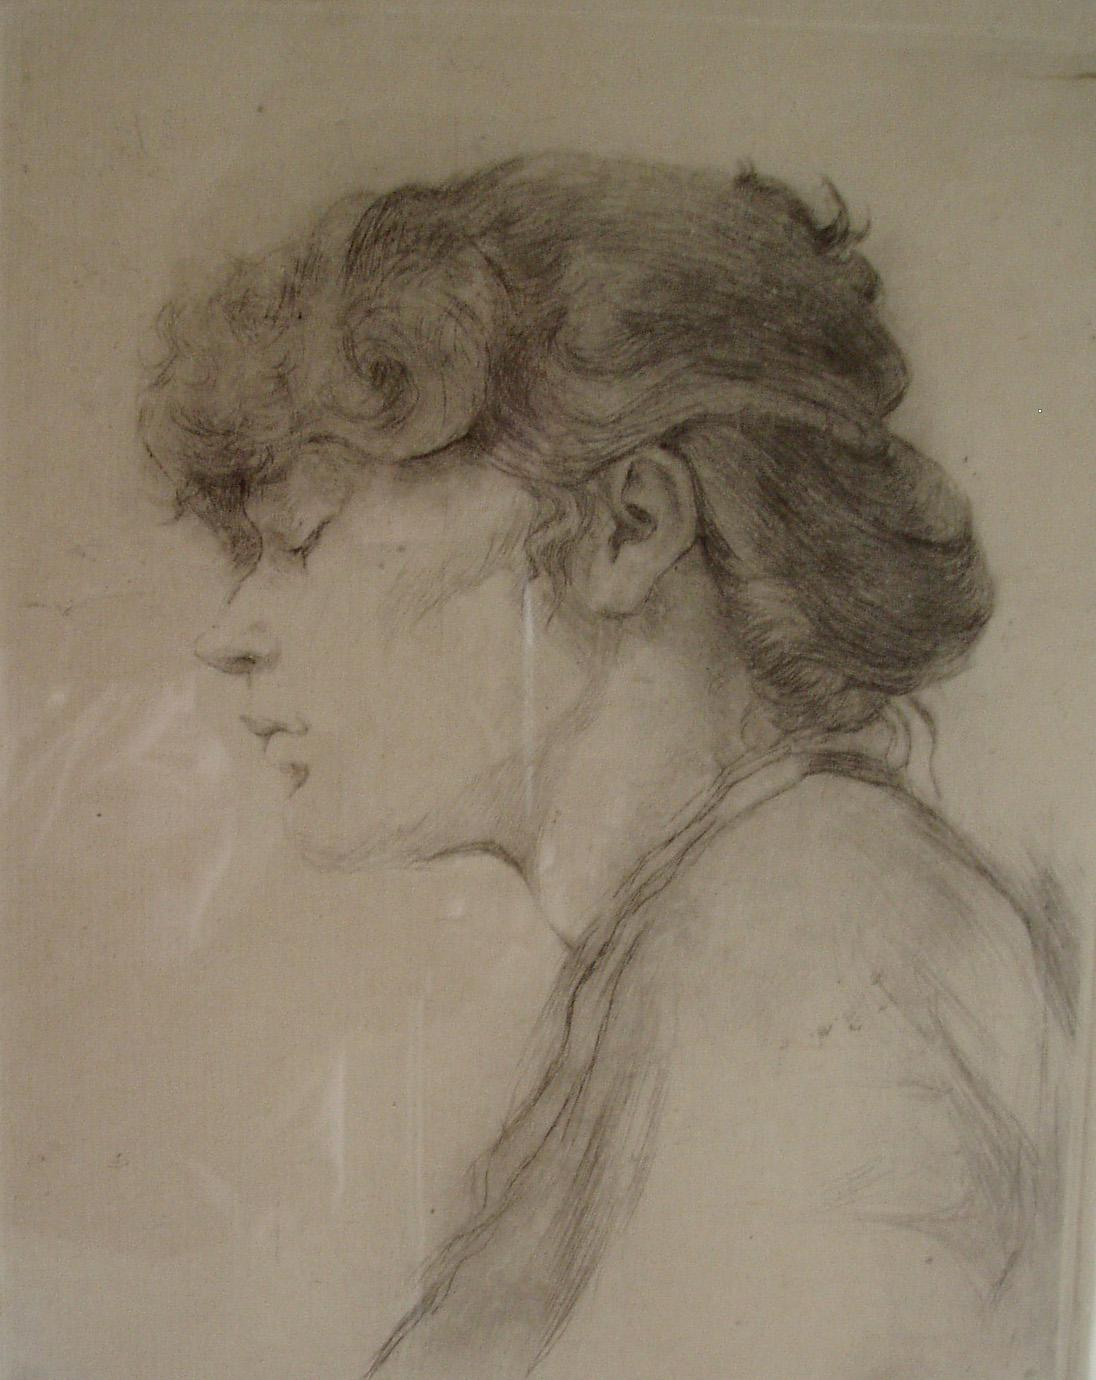 RObbert Ruigrok, 'Anneke Bonneke', 1980. Drypoint.